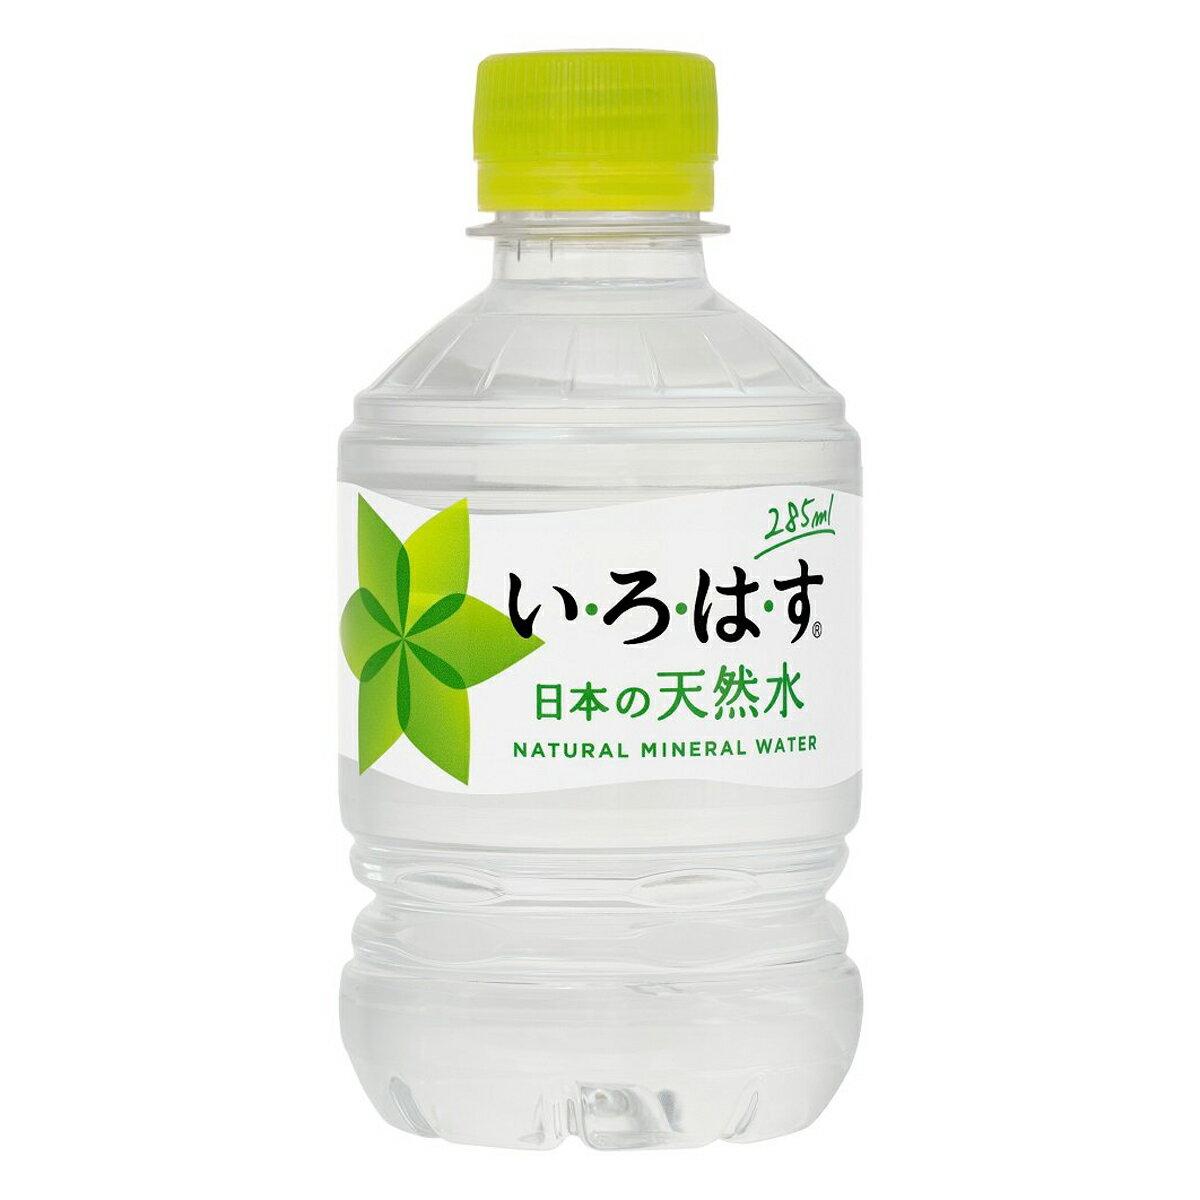 コカ・コーラ い・ろ・は・す いろはす 285mL PET 飲料 飲み物 ソフトドリンク ペットボトル 24本×1ケース 買い回り 買い周り 買いまわり ポイント消化